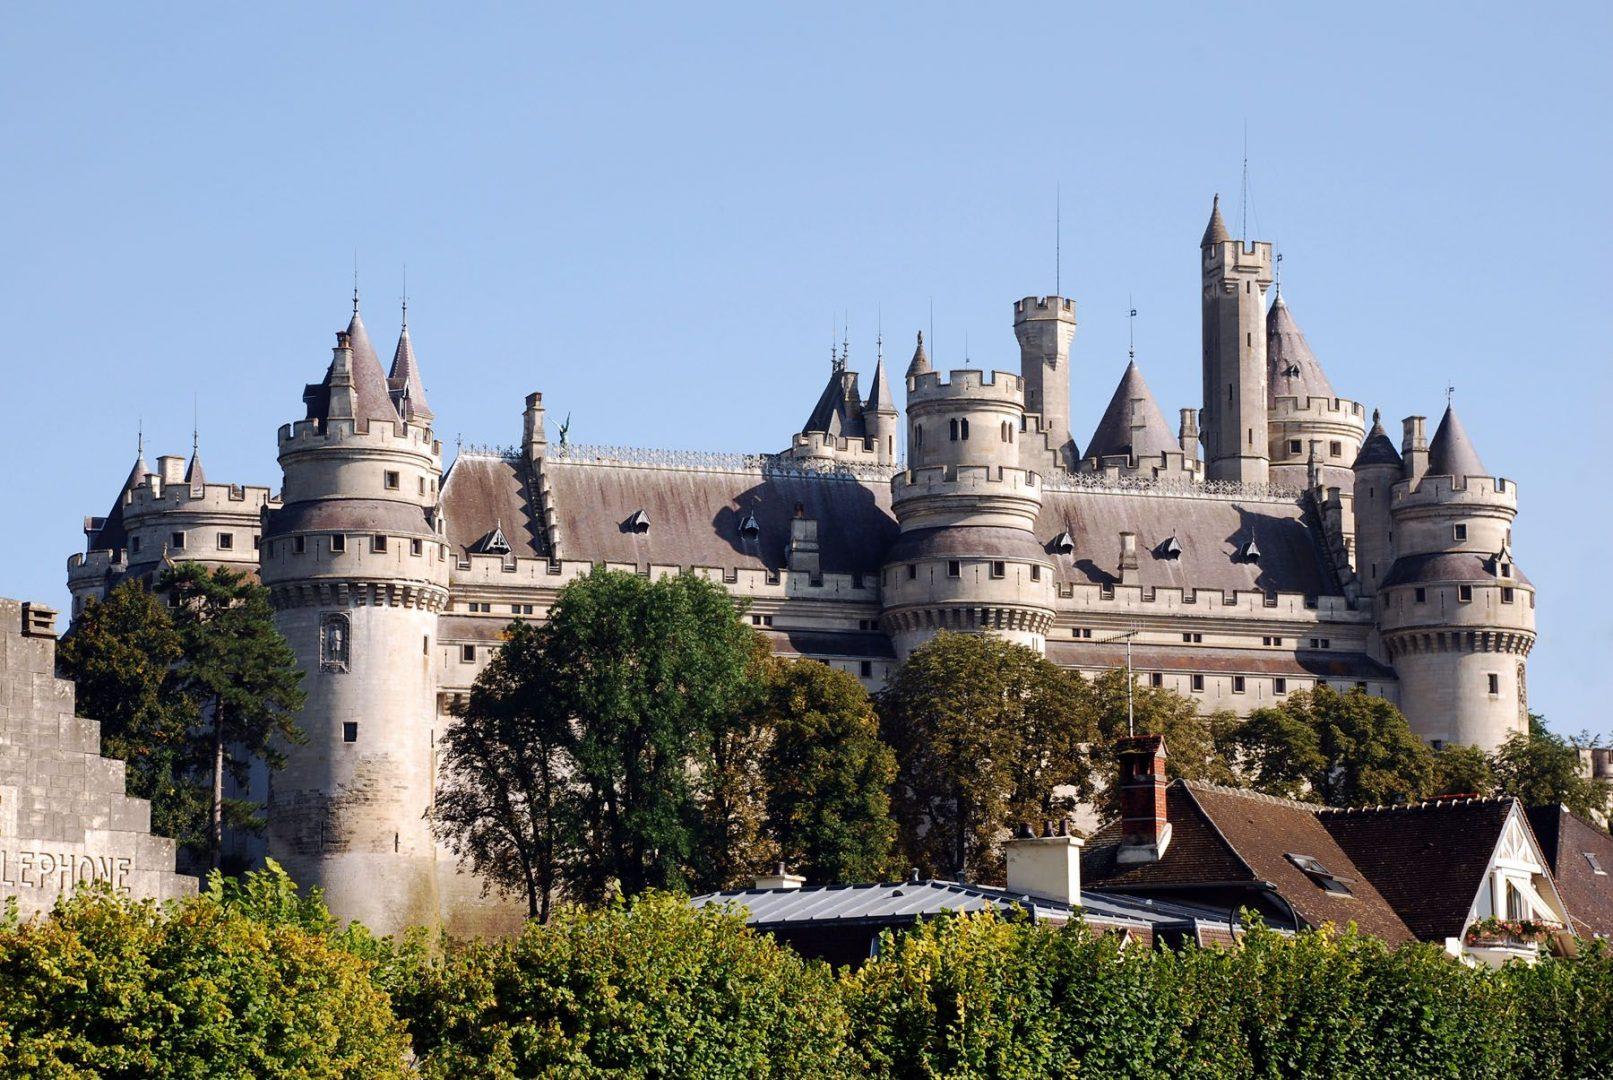 Château de Pierrefonds, Oise, France